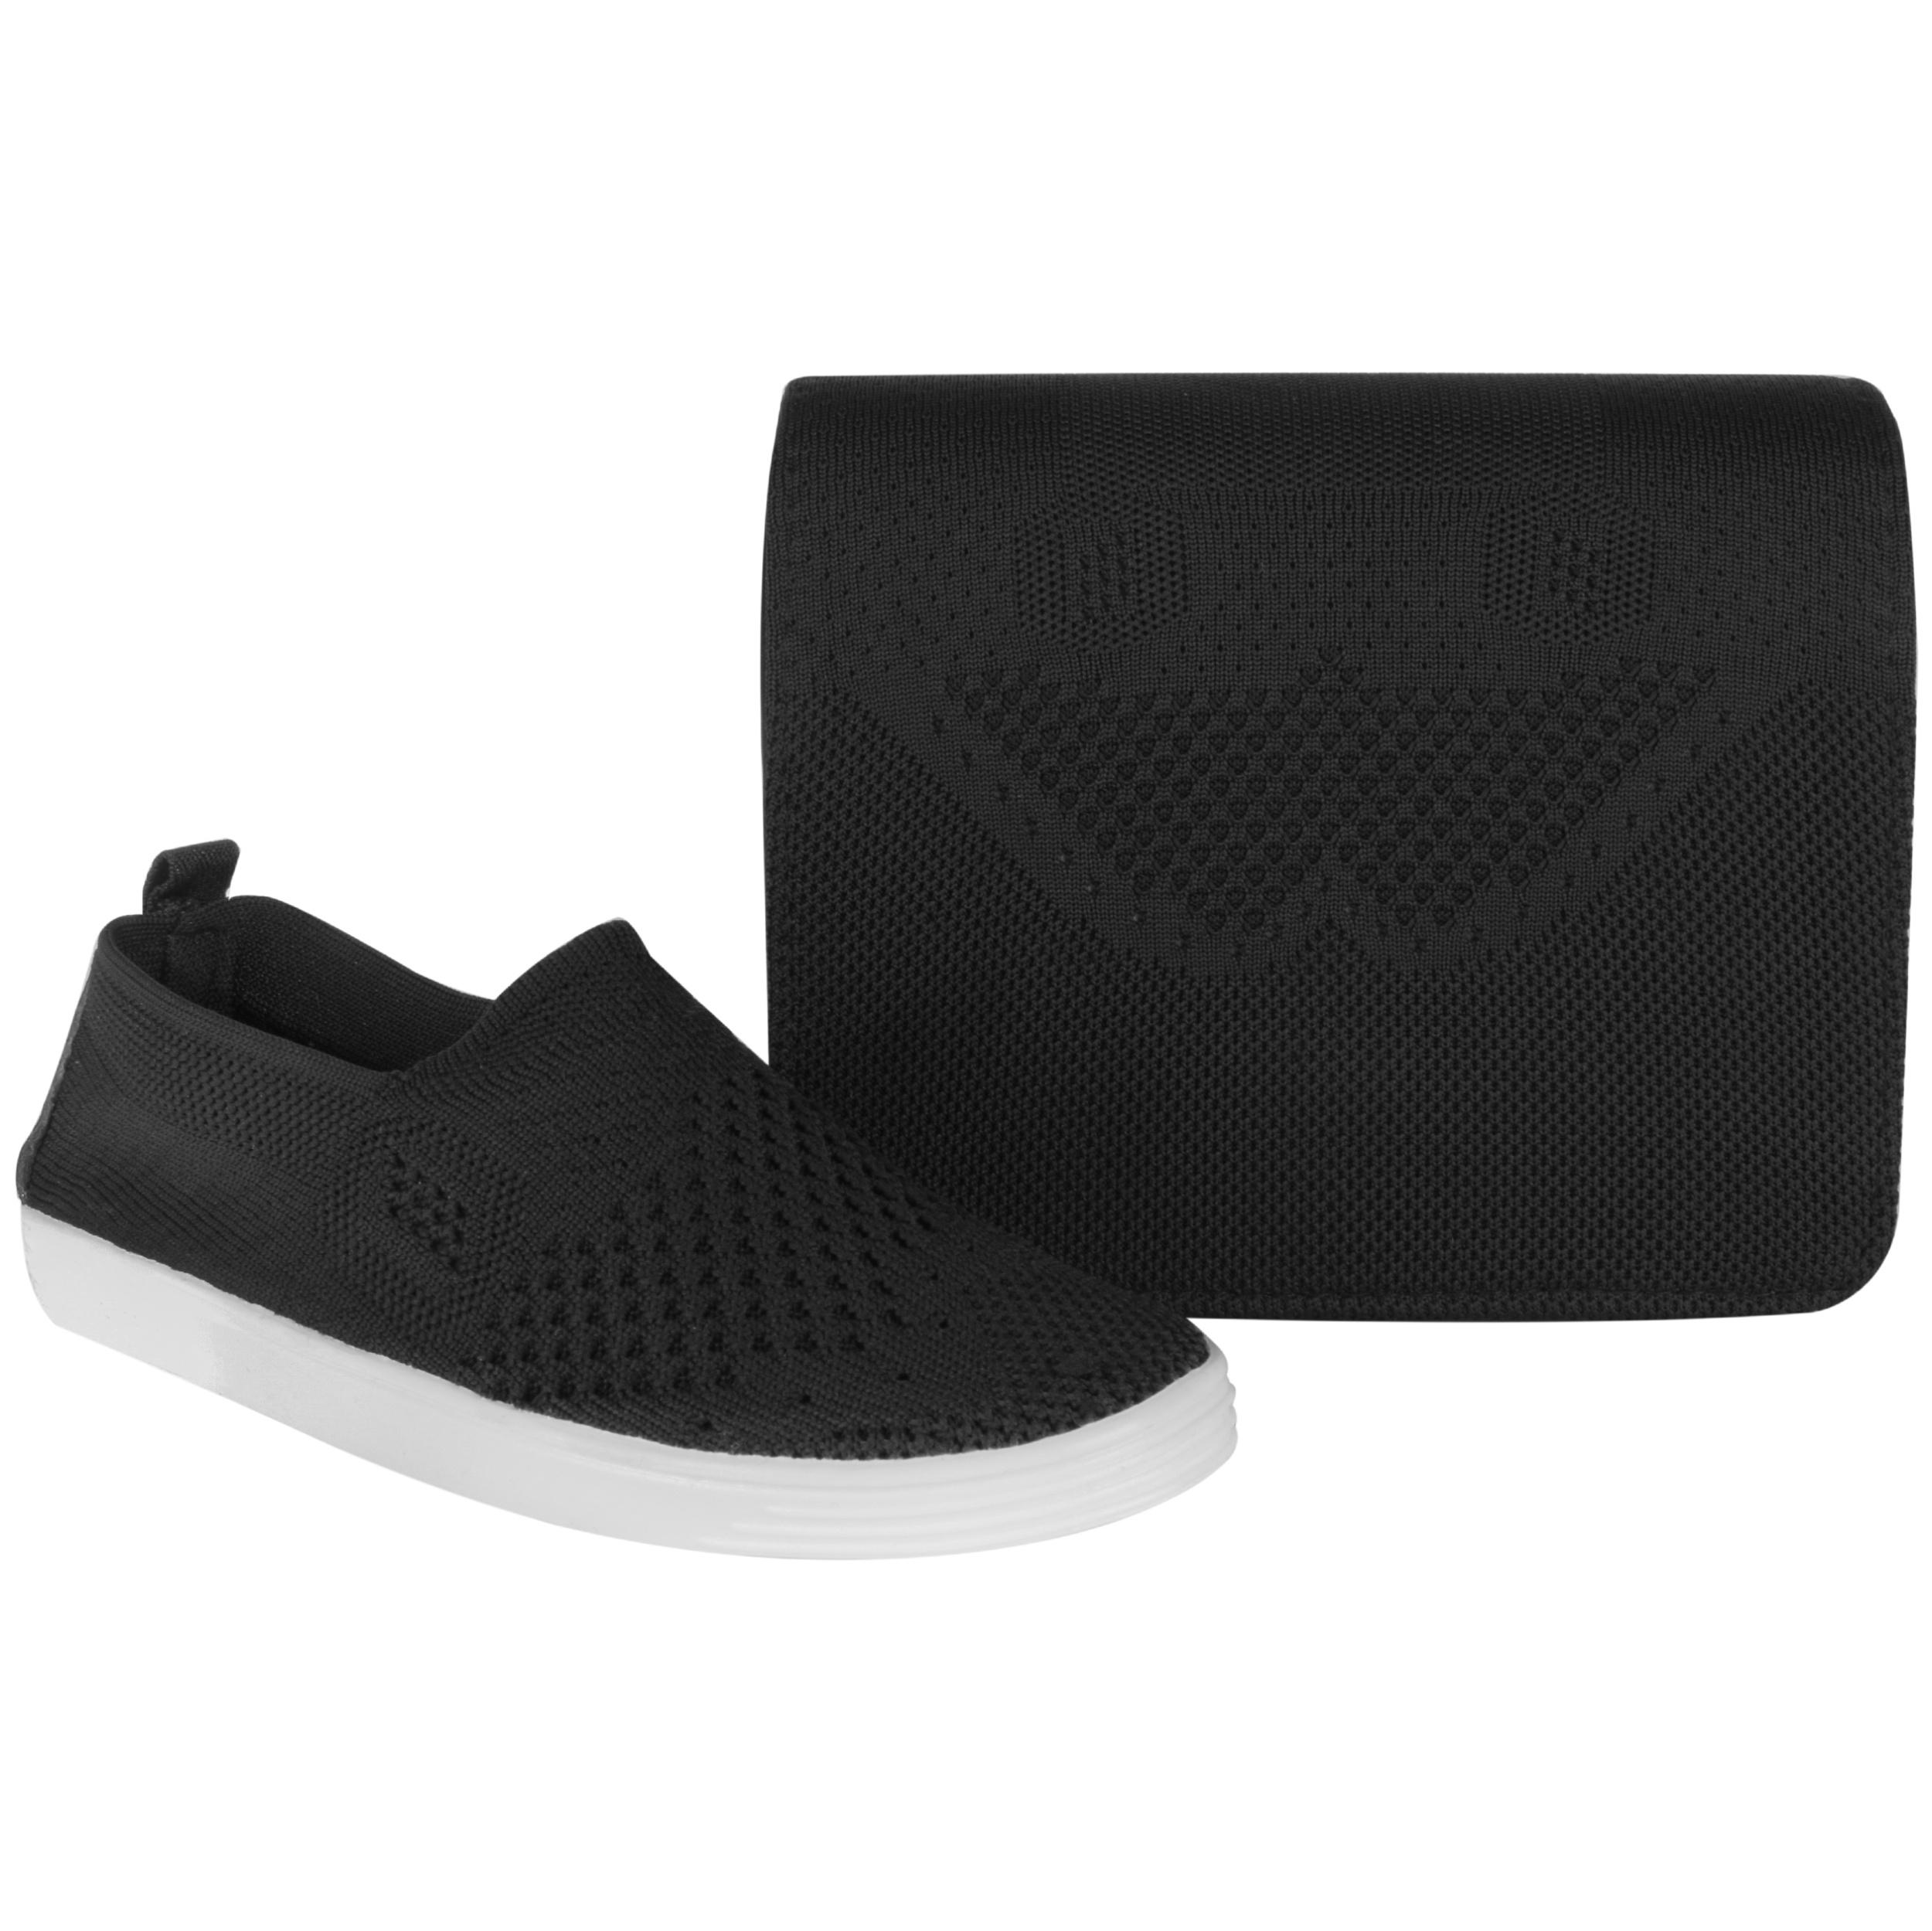 ست کیف و کفش زنانه کد BFT01-BL